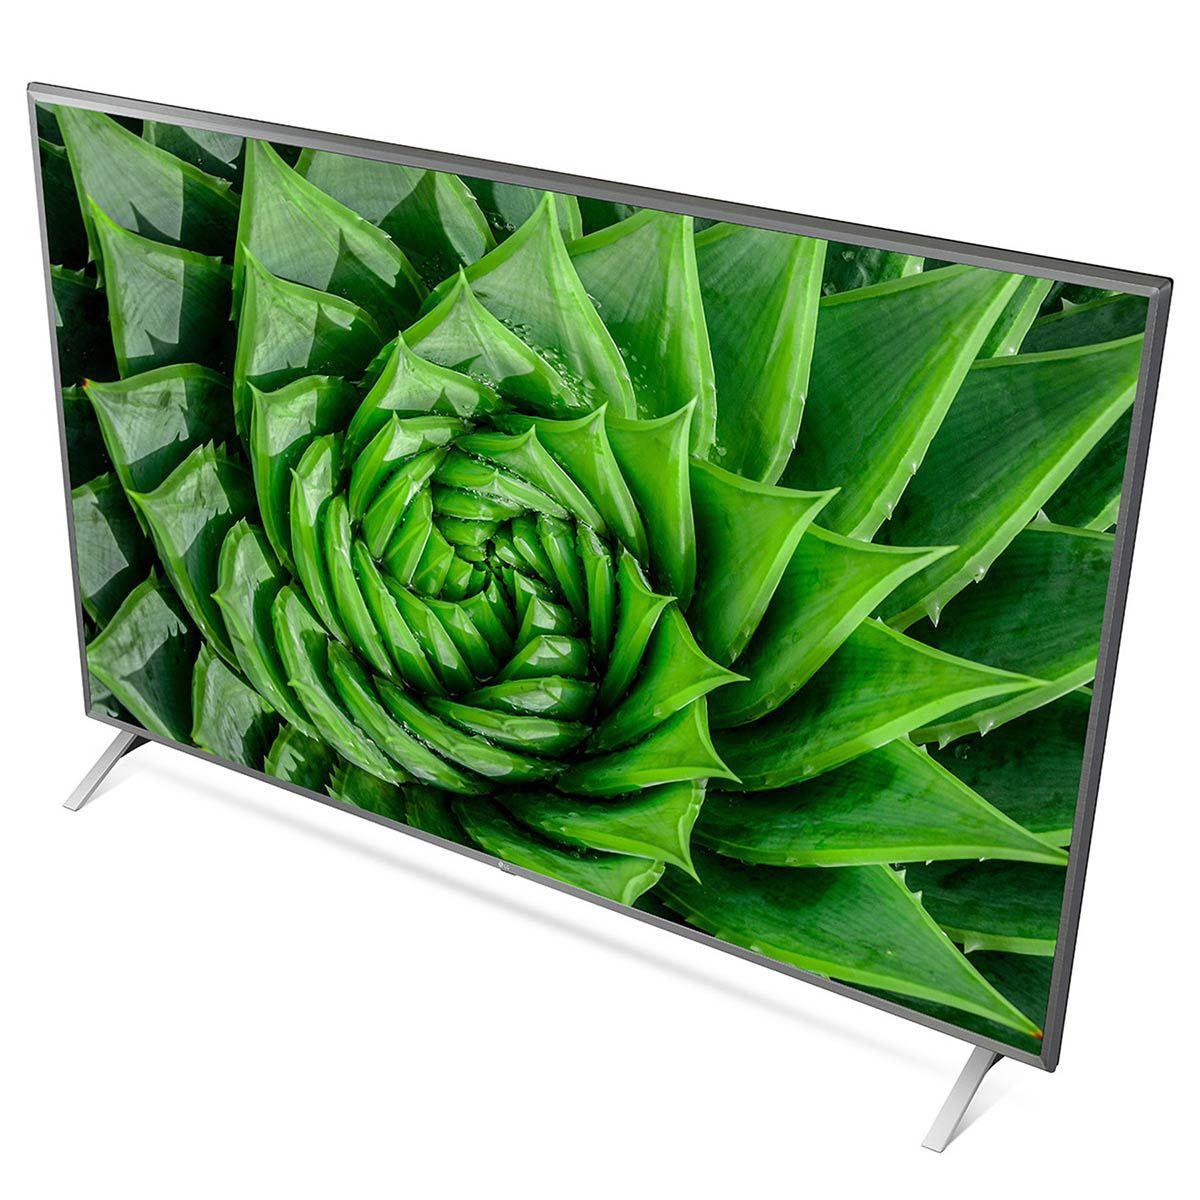 Pantalla LG UHD TV AI ThinQ 4K 75